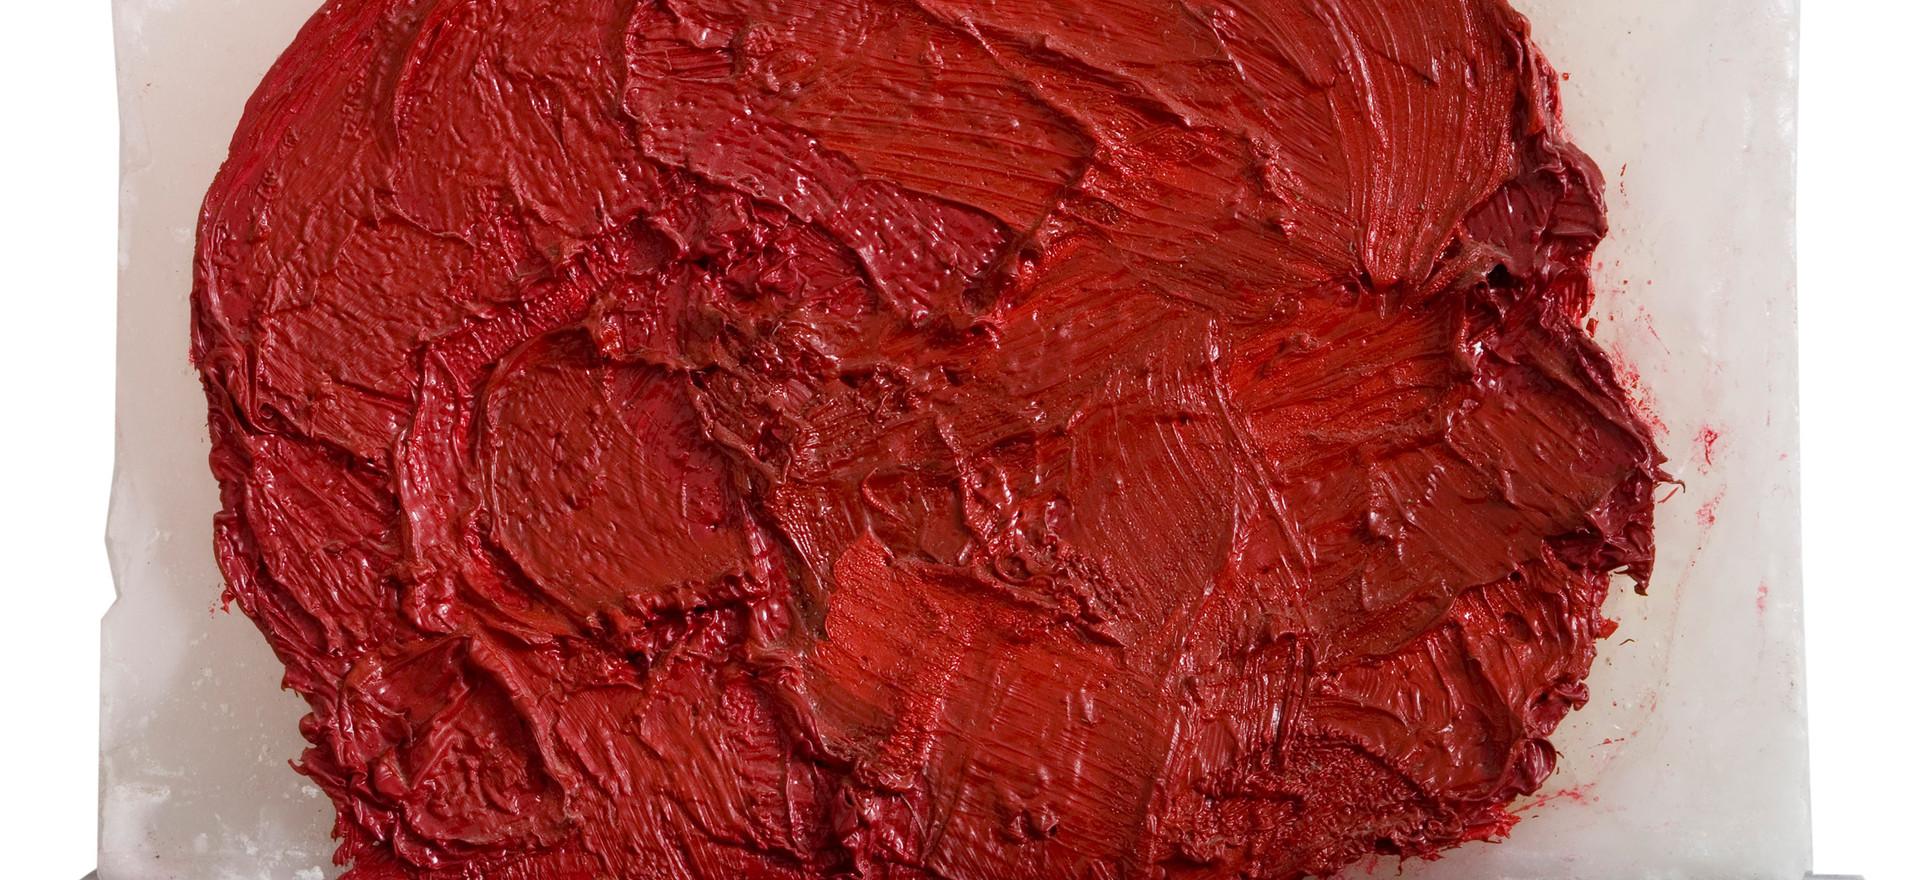 'Penetrant', 2008, oil on wax, 20 x 33 x 3 cm